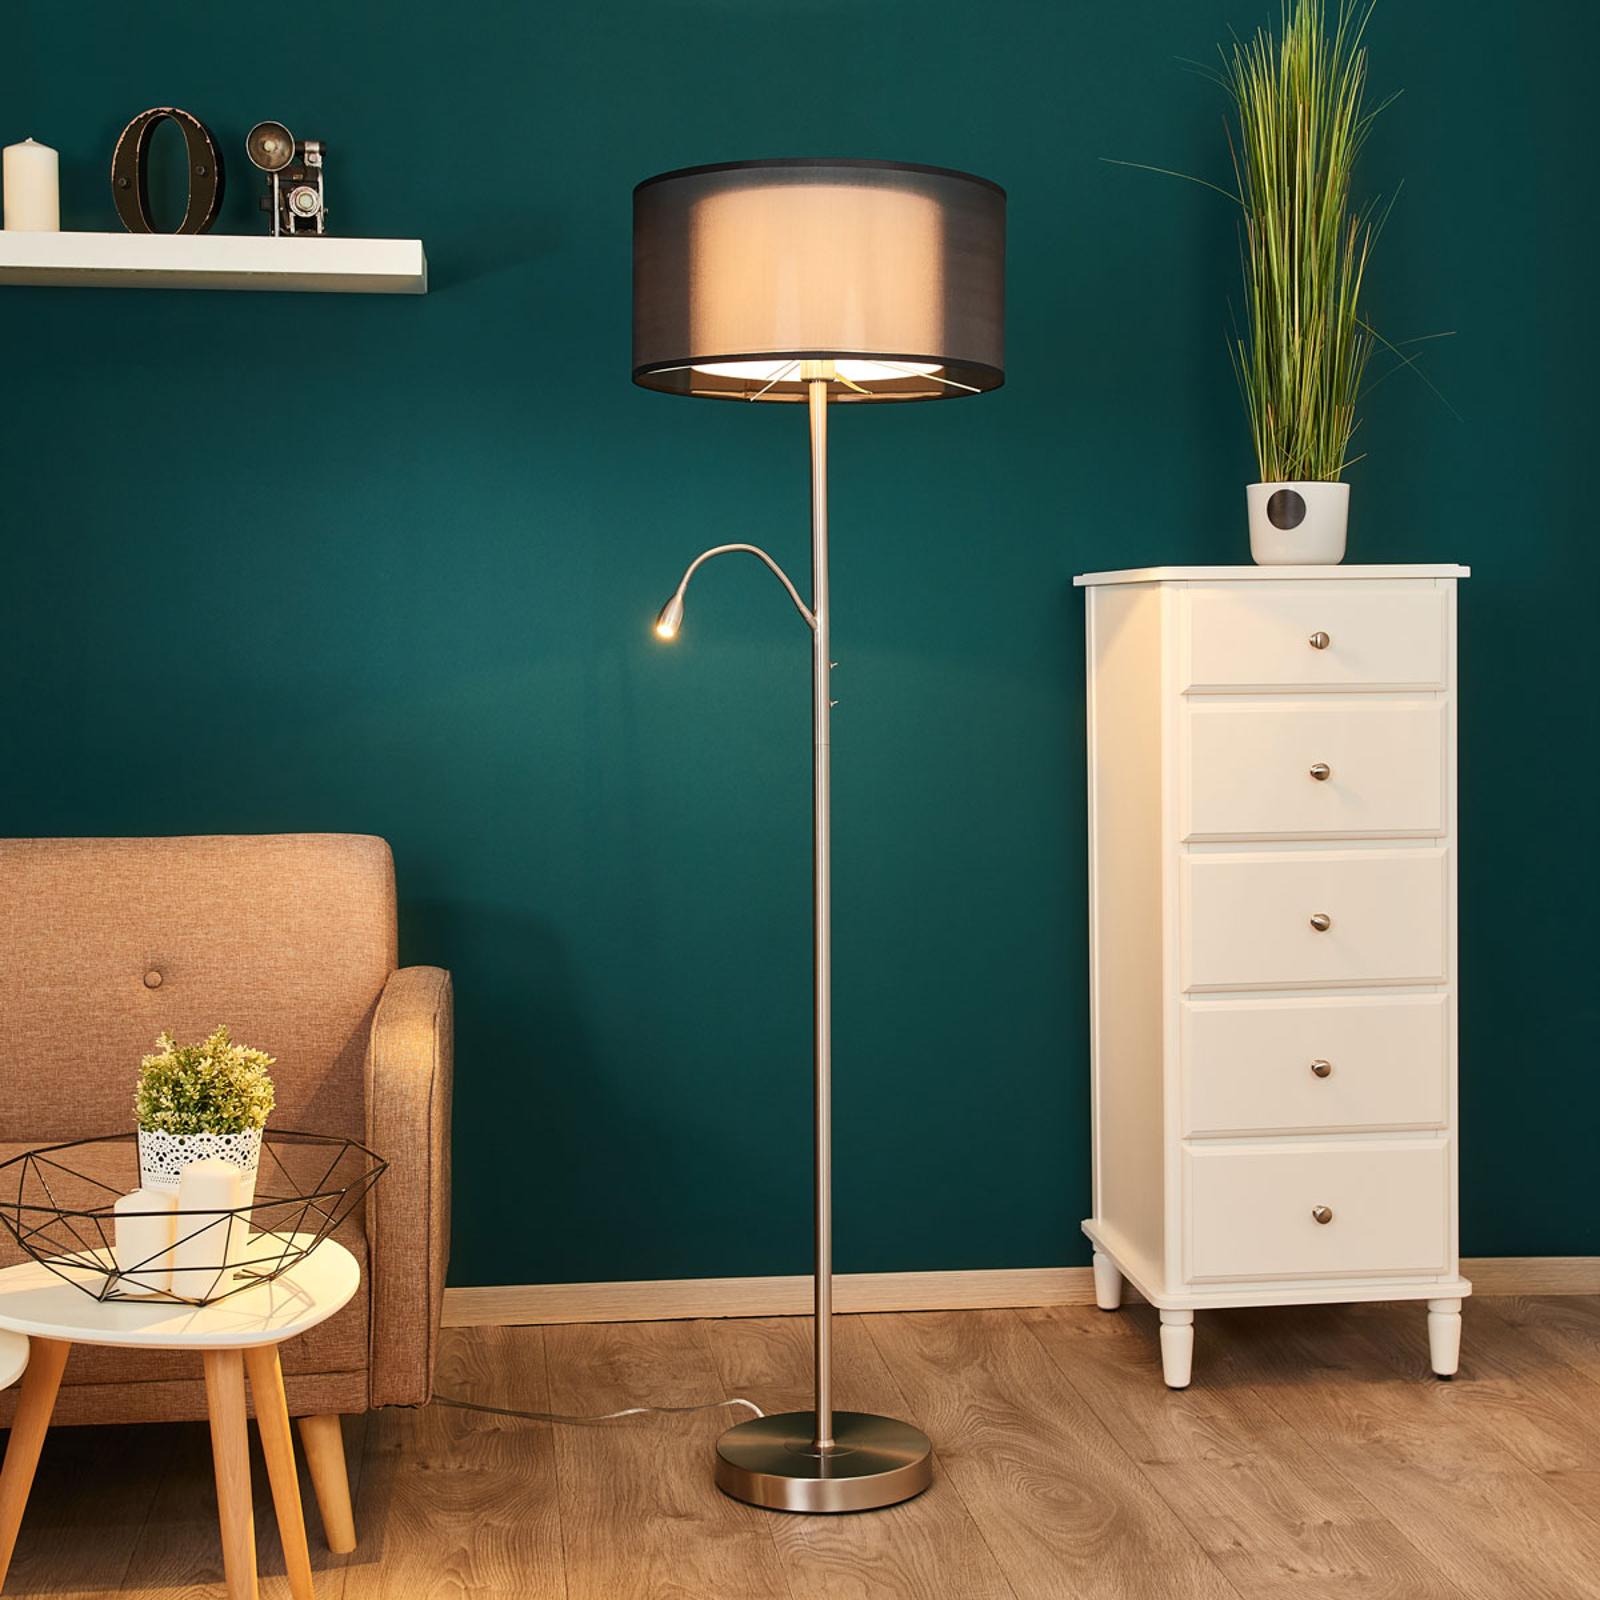 Van een leeslamp voorziene vloerlamp Damento